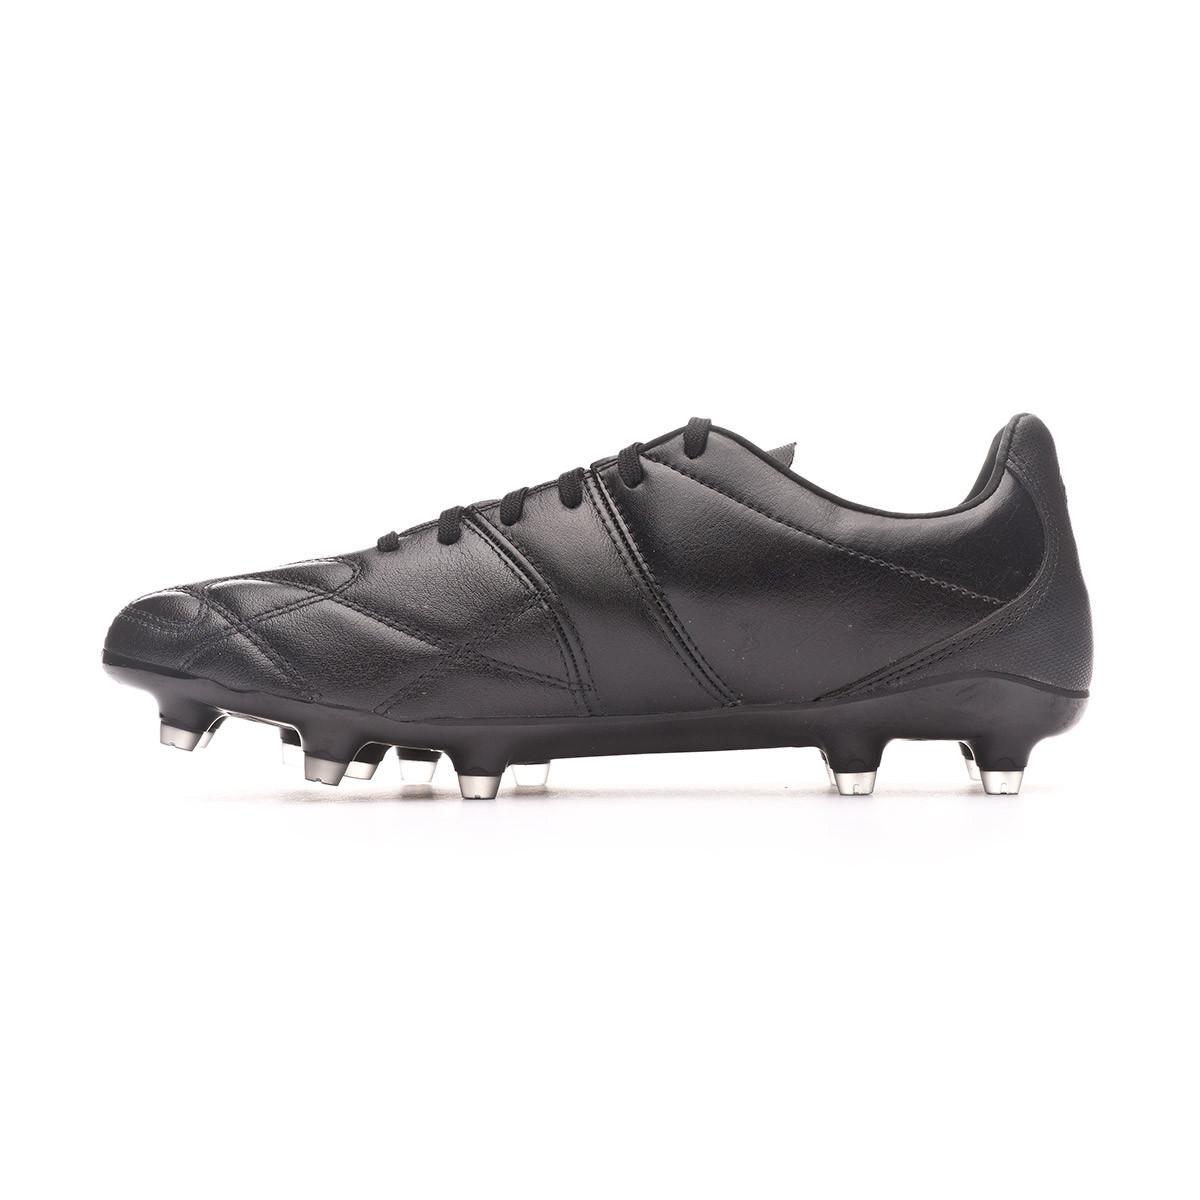 ropa deportiva de alto rendimiento más fotos diseños atractivos Zapatos de fútbol Puma King Hero FG